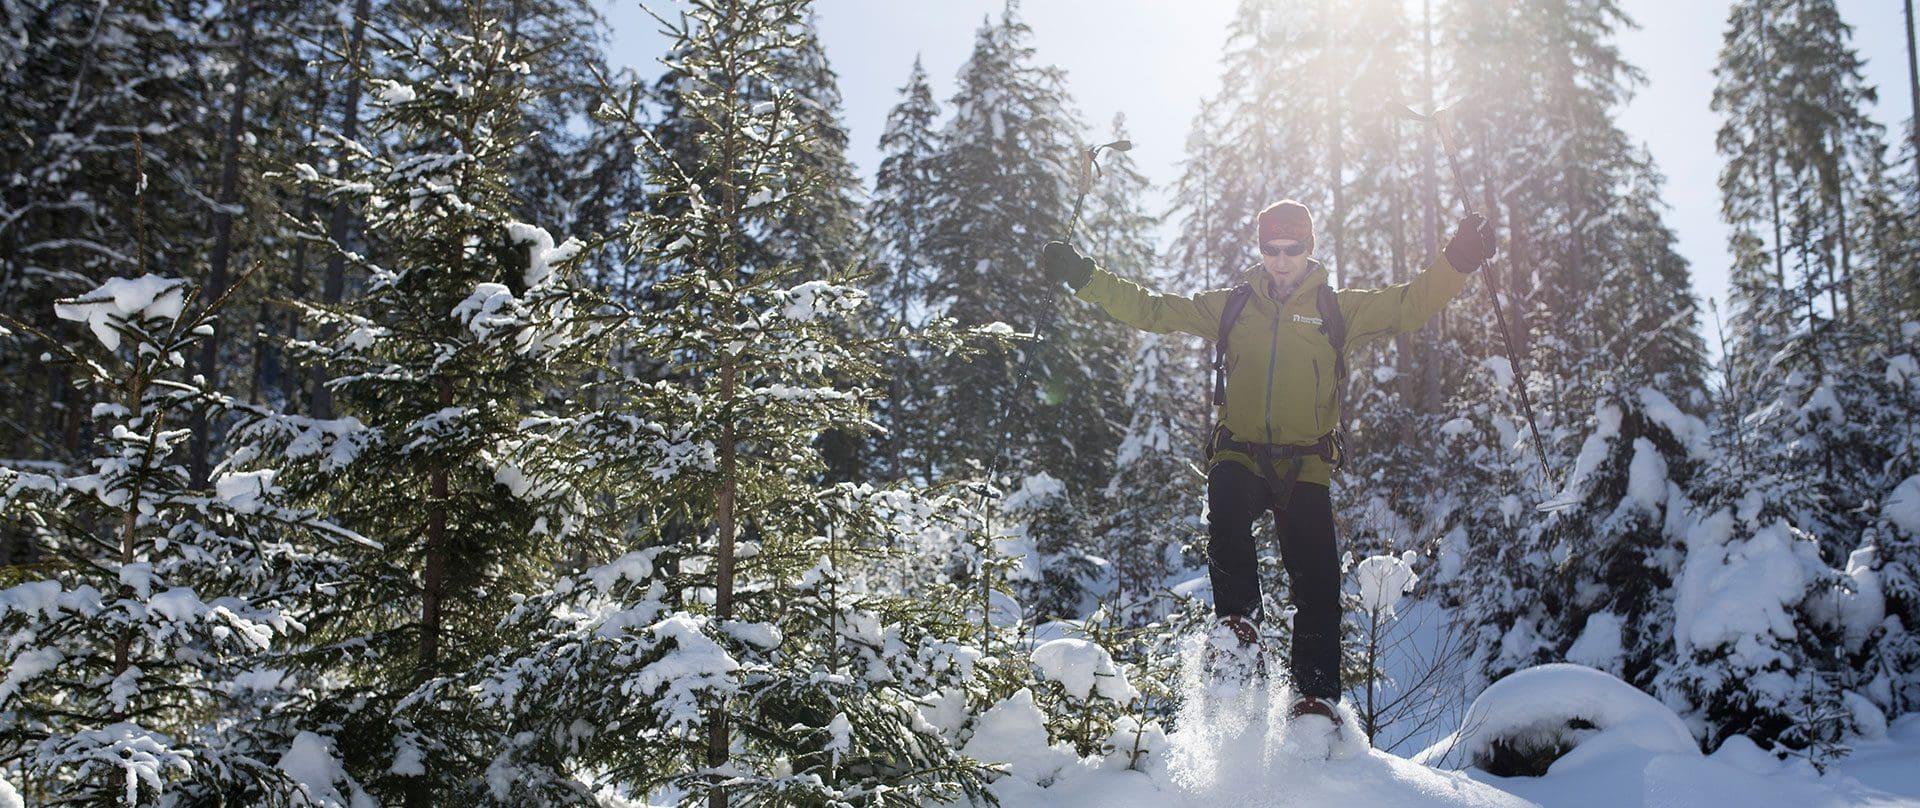 Aktiv-Urlaub in der Urlaubsregion Wildkogel, Bramberg